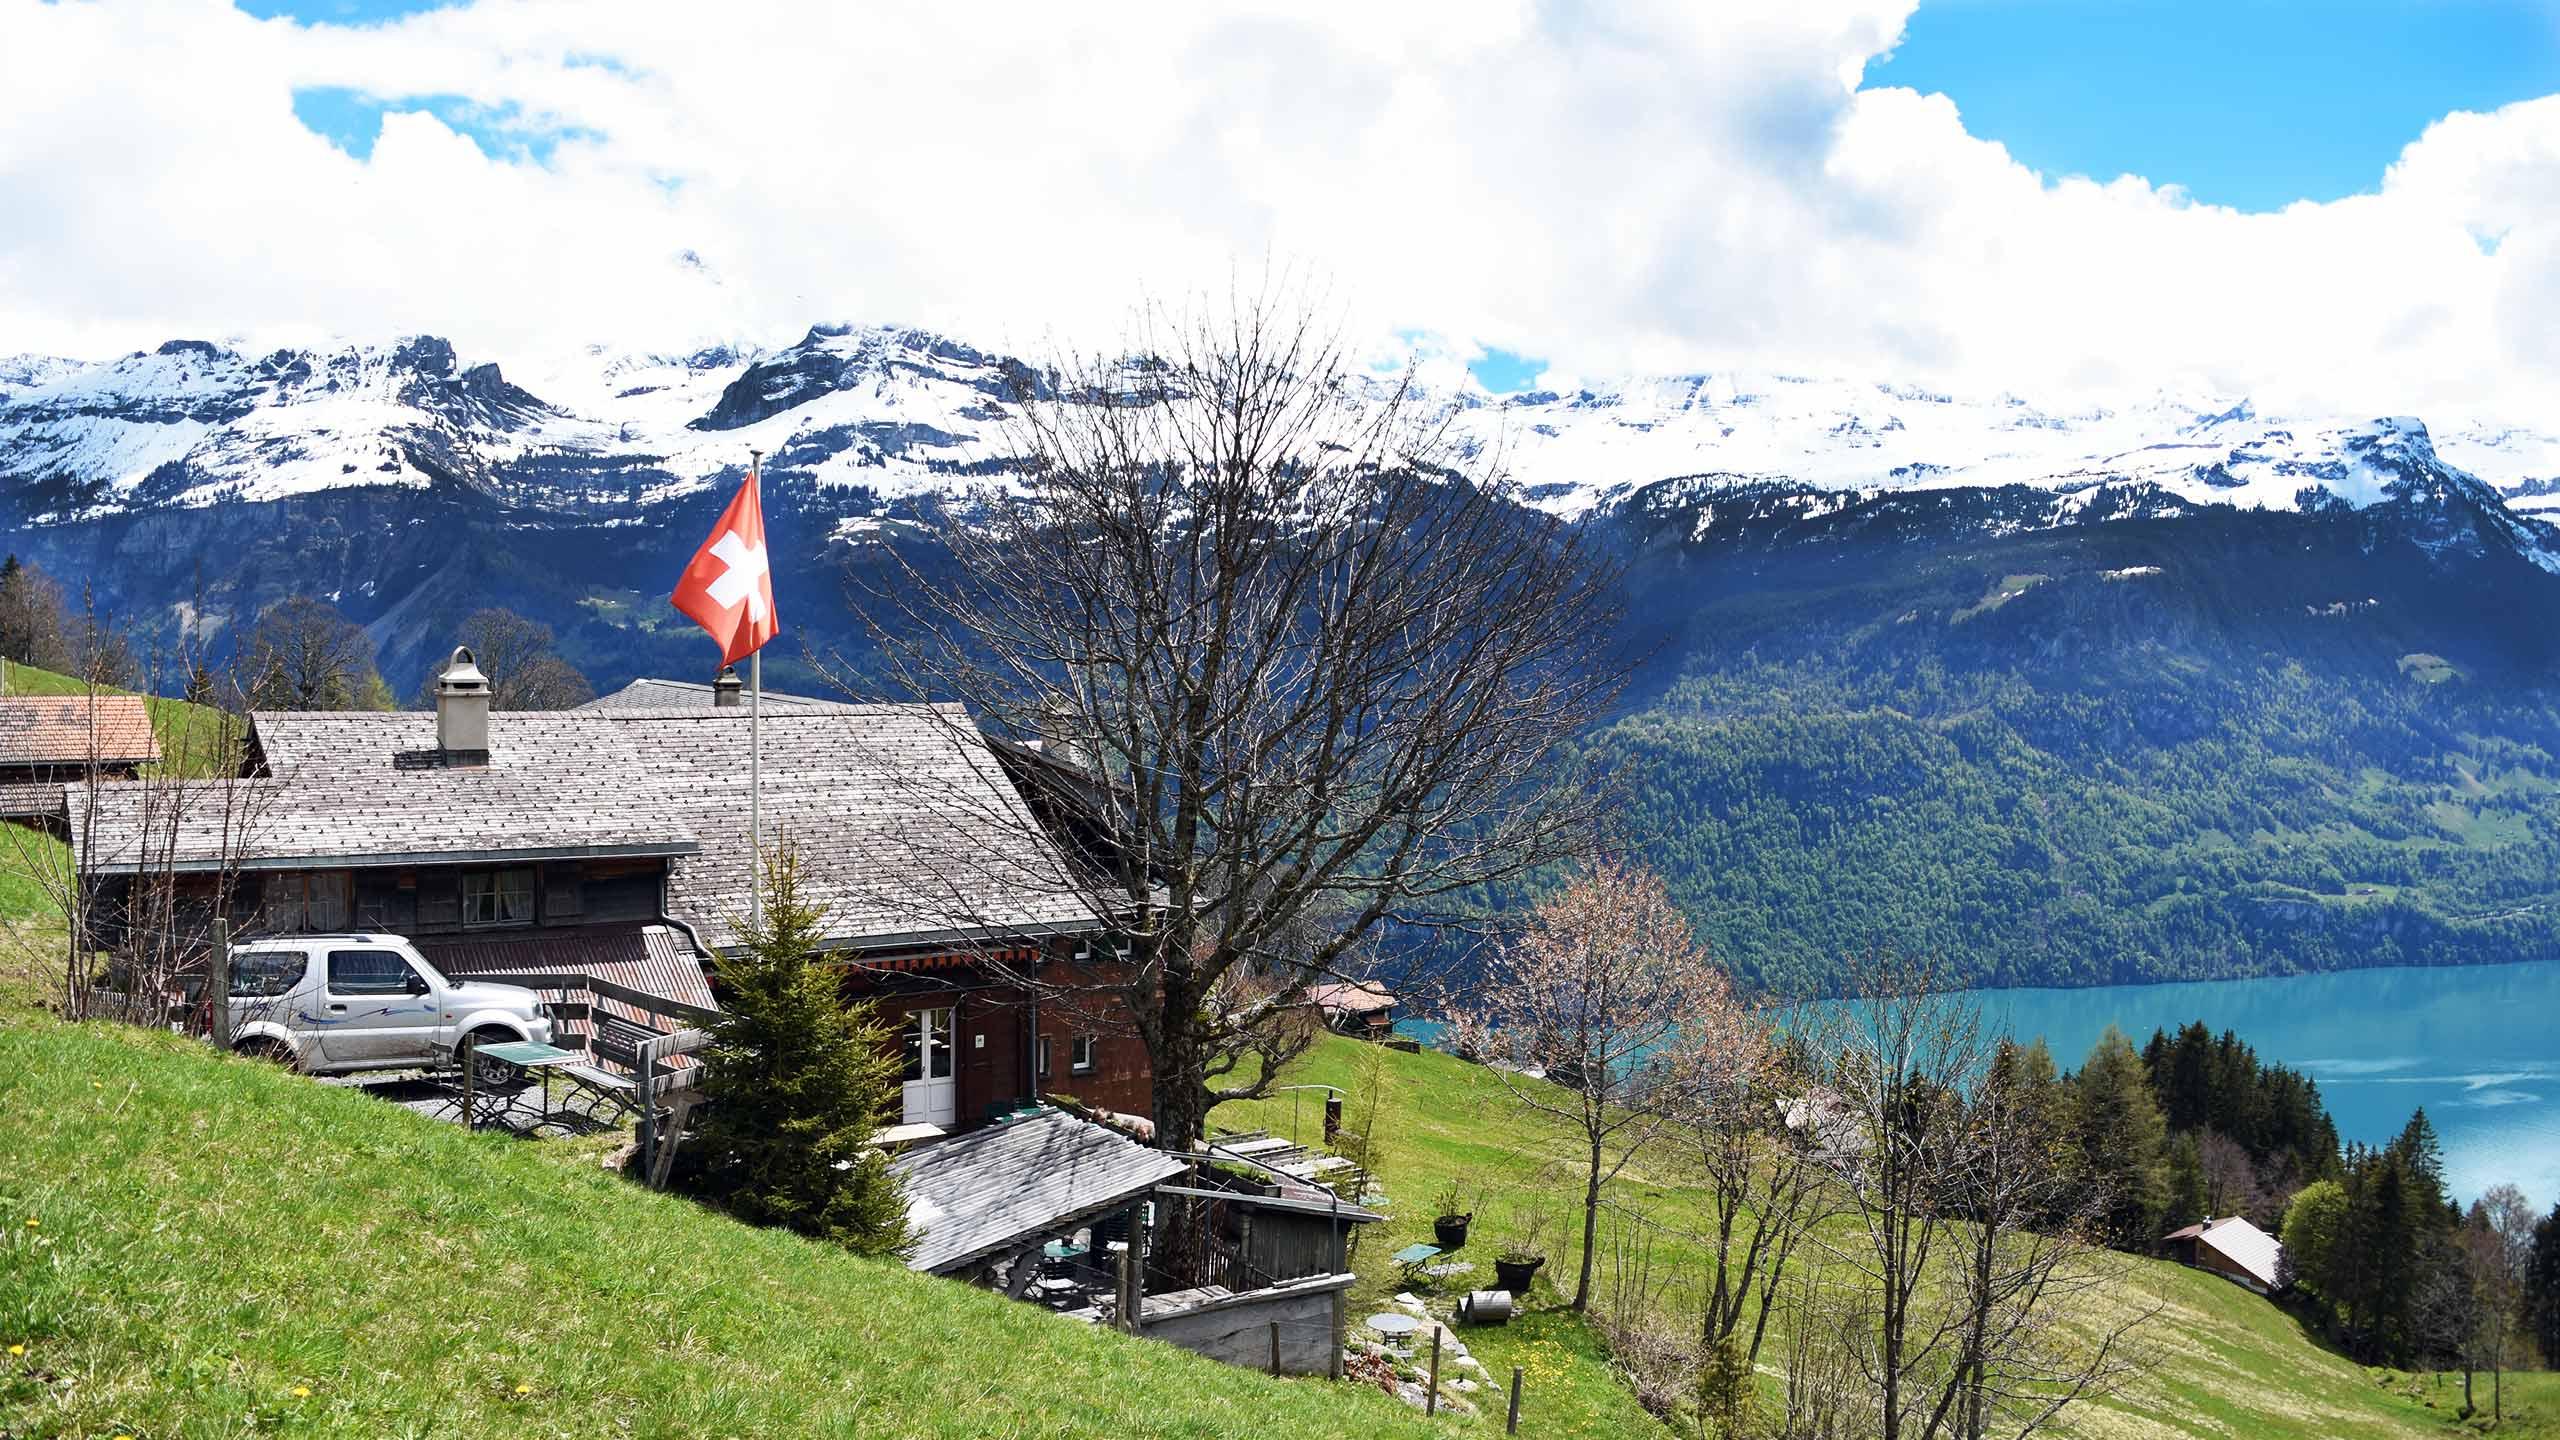 bergrestaurant-planalp-aussenansicht-terrasse-aussicht-brienzersee.jpg